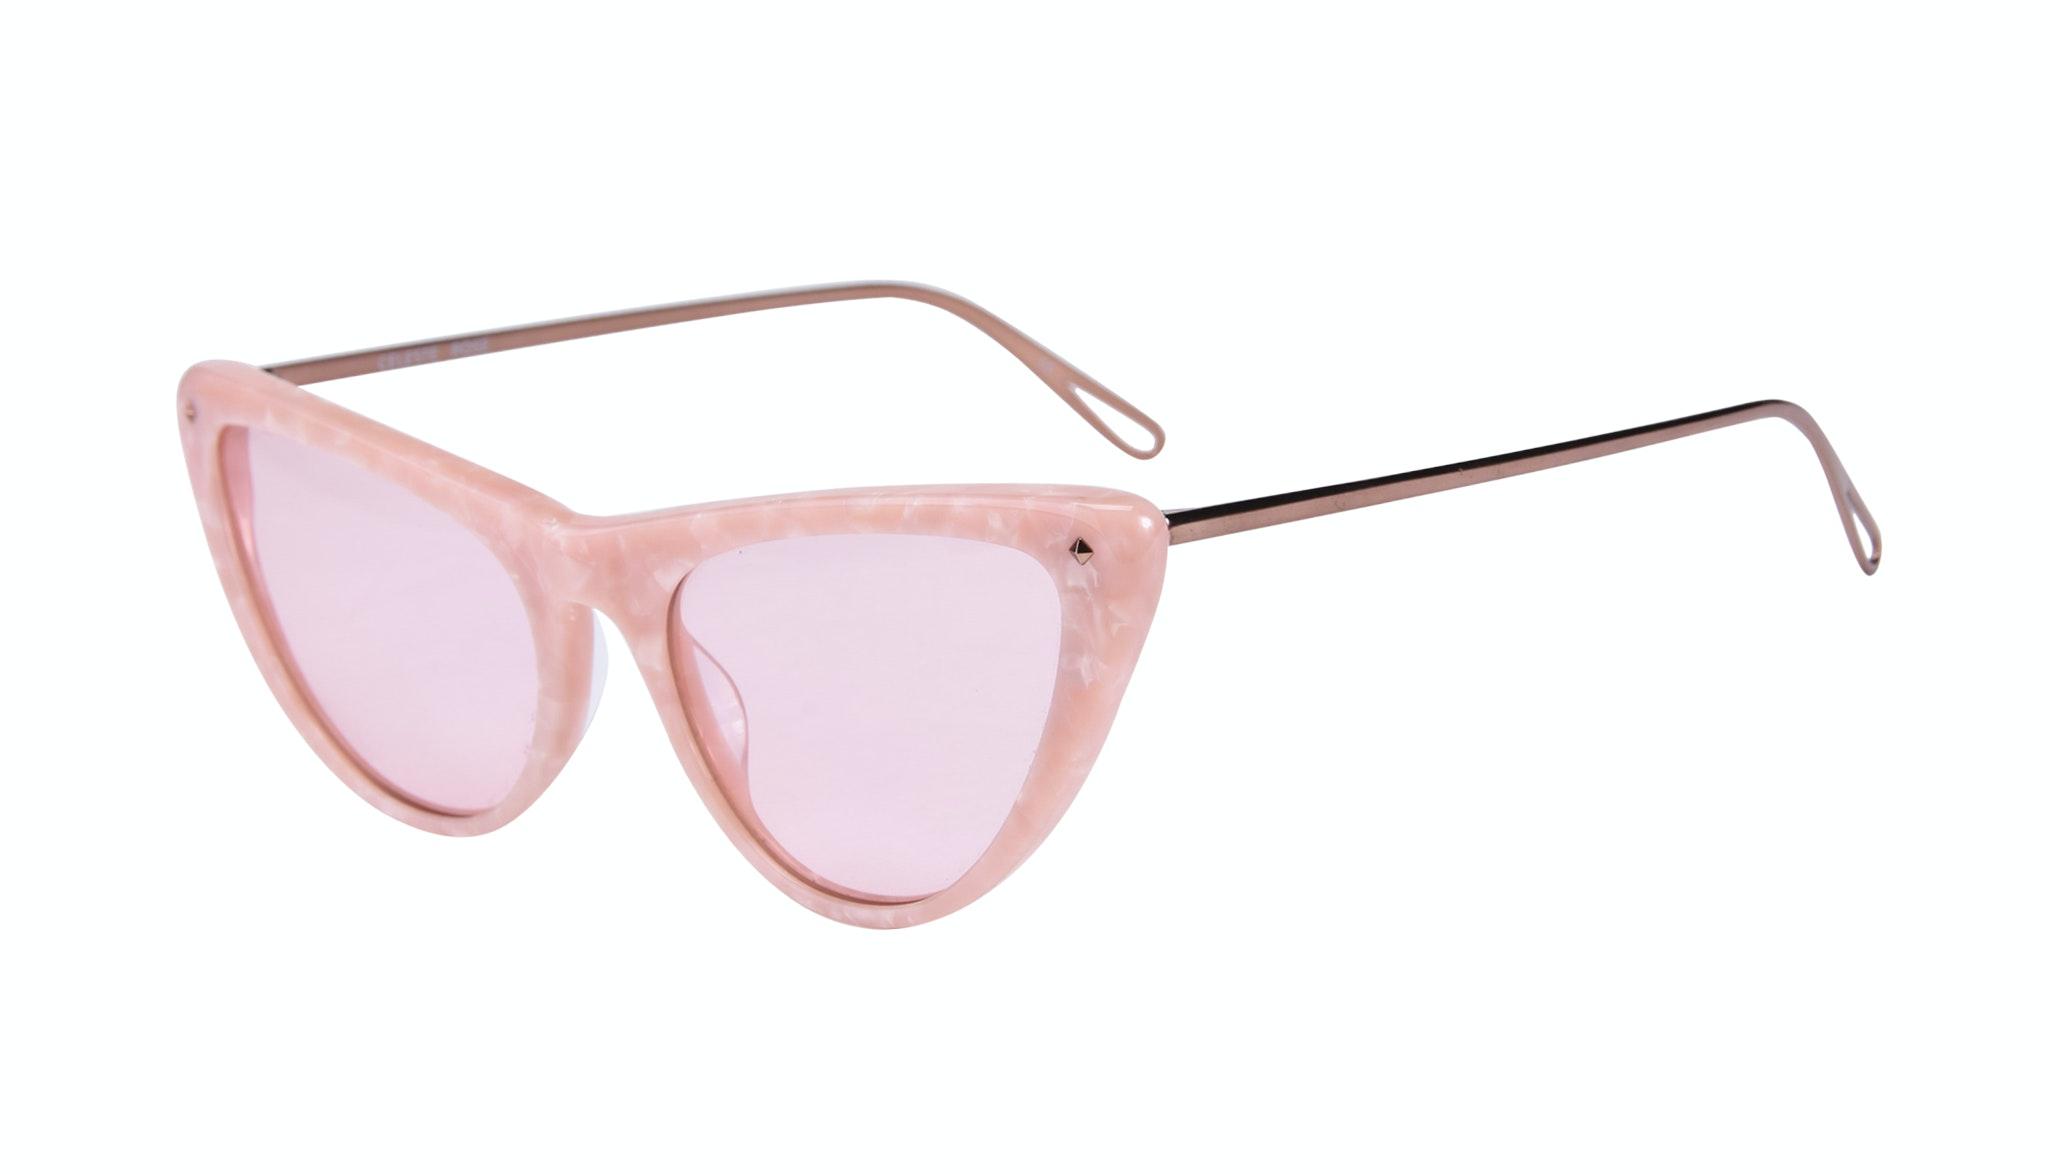 Affordable Fashion Glasses Cat Eye Sunglasses Women Celeste Rose Tilt